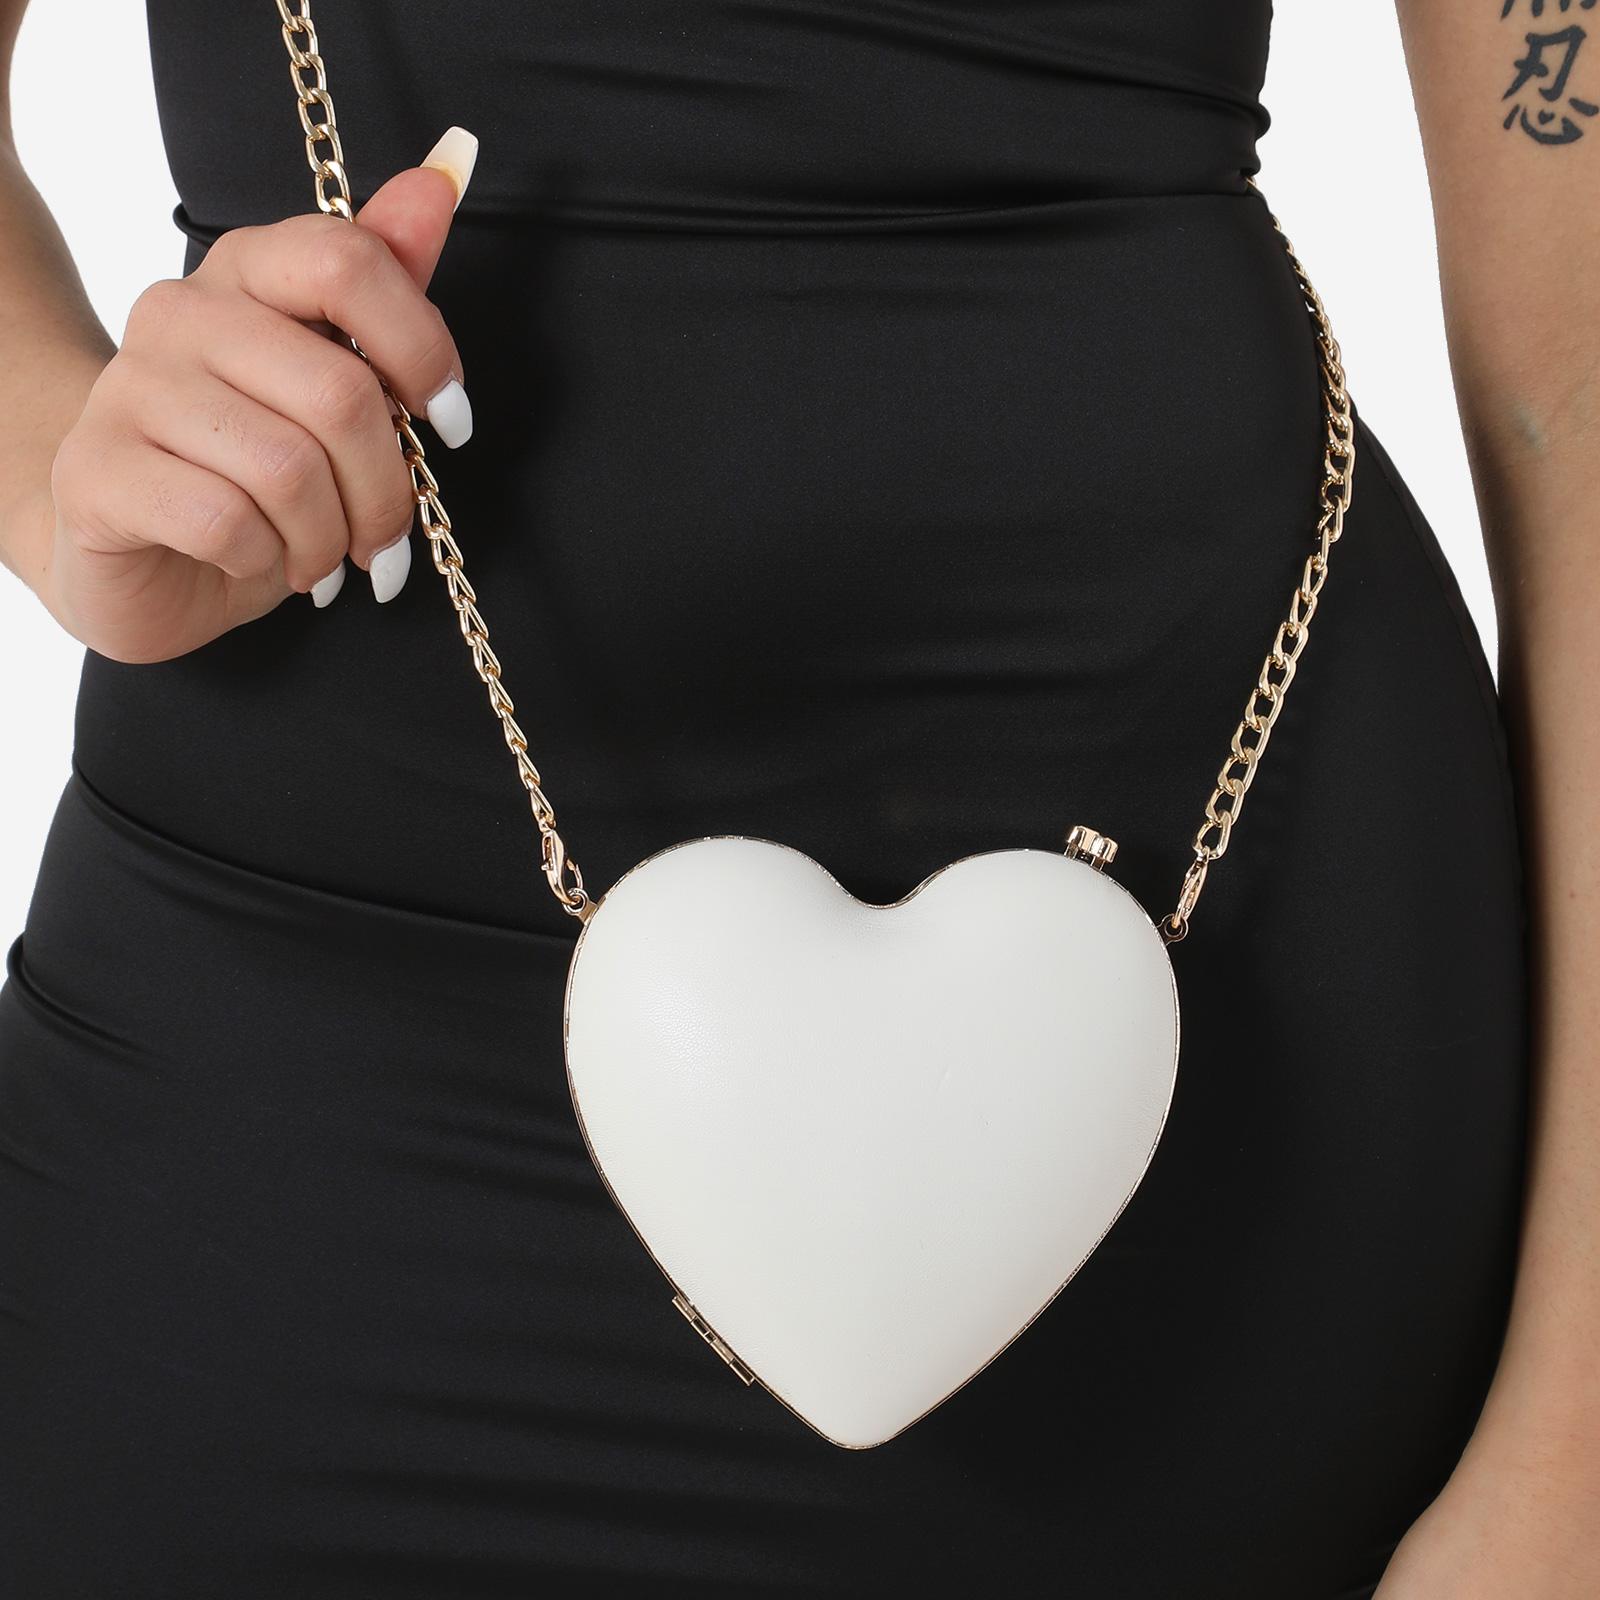 Heart Shape Cross Body Bag In White Faux Leather